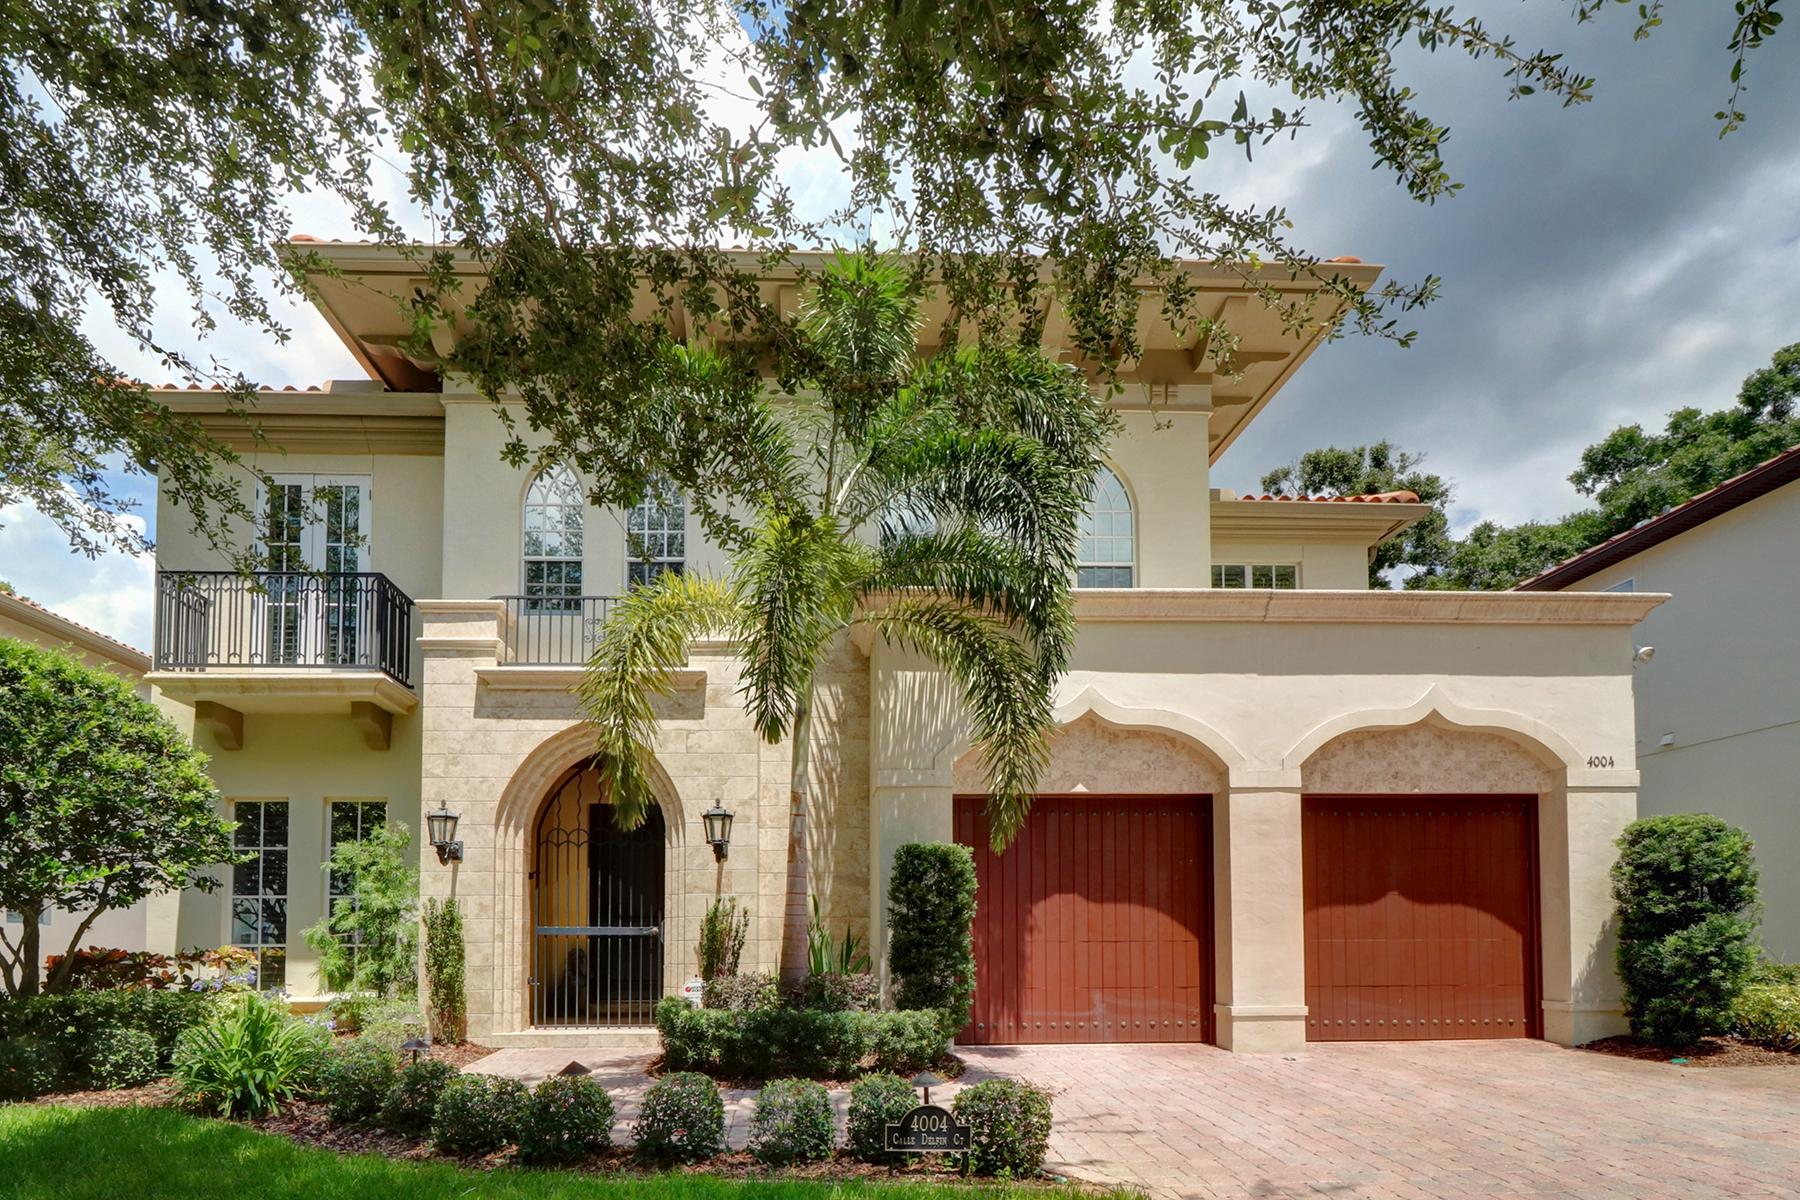 独户住宅 为 销售 在 SOUTH TAMPA 4004 Calle Delfin Ct 坦帕市, 佛罗里达州, 33611 美国